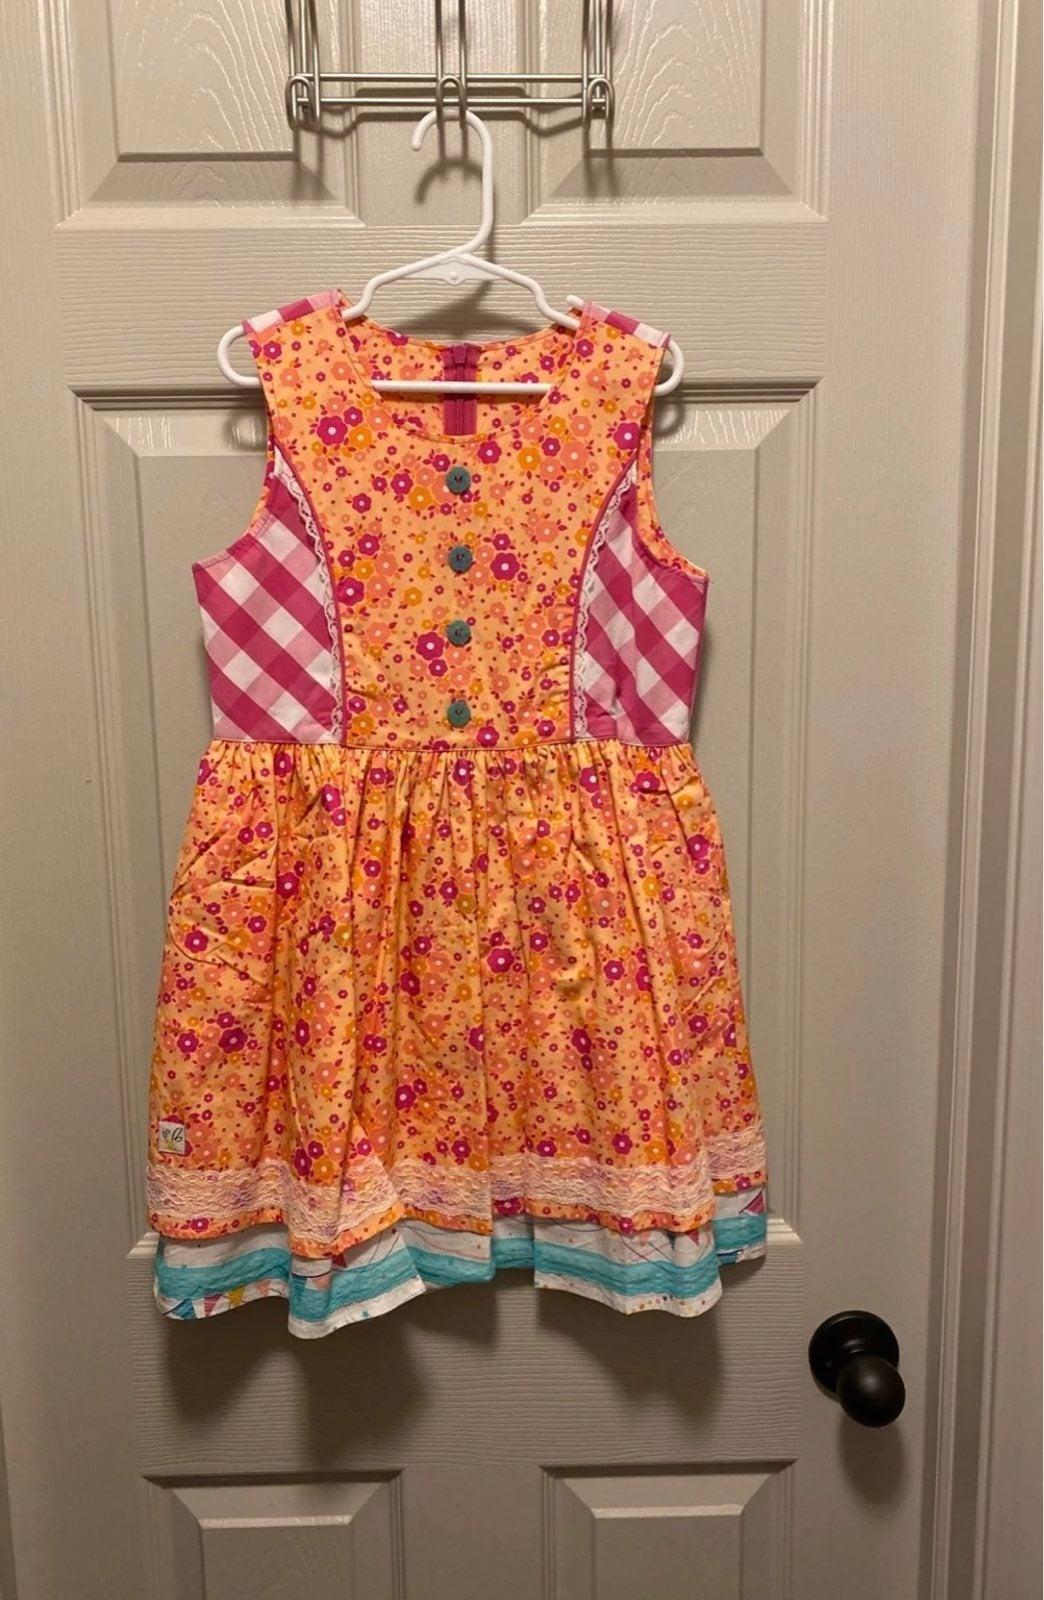 Wildflower Dress Girls Size 8 NWT